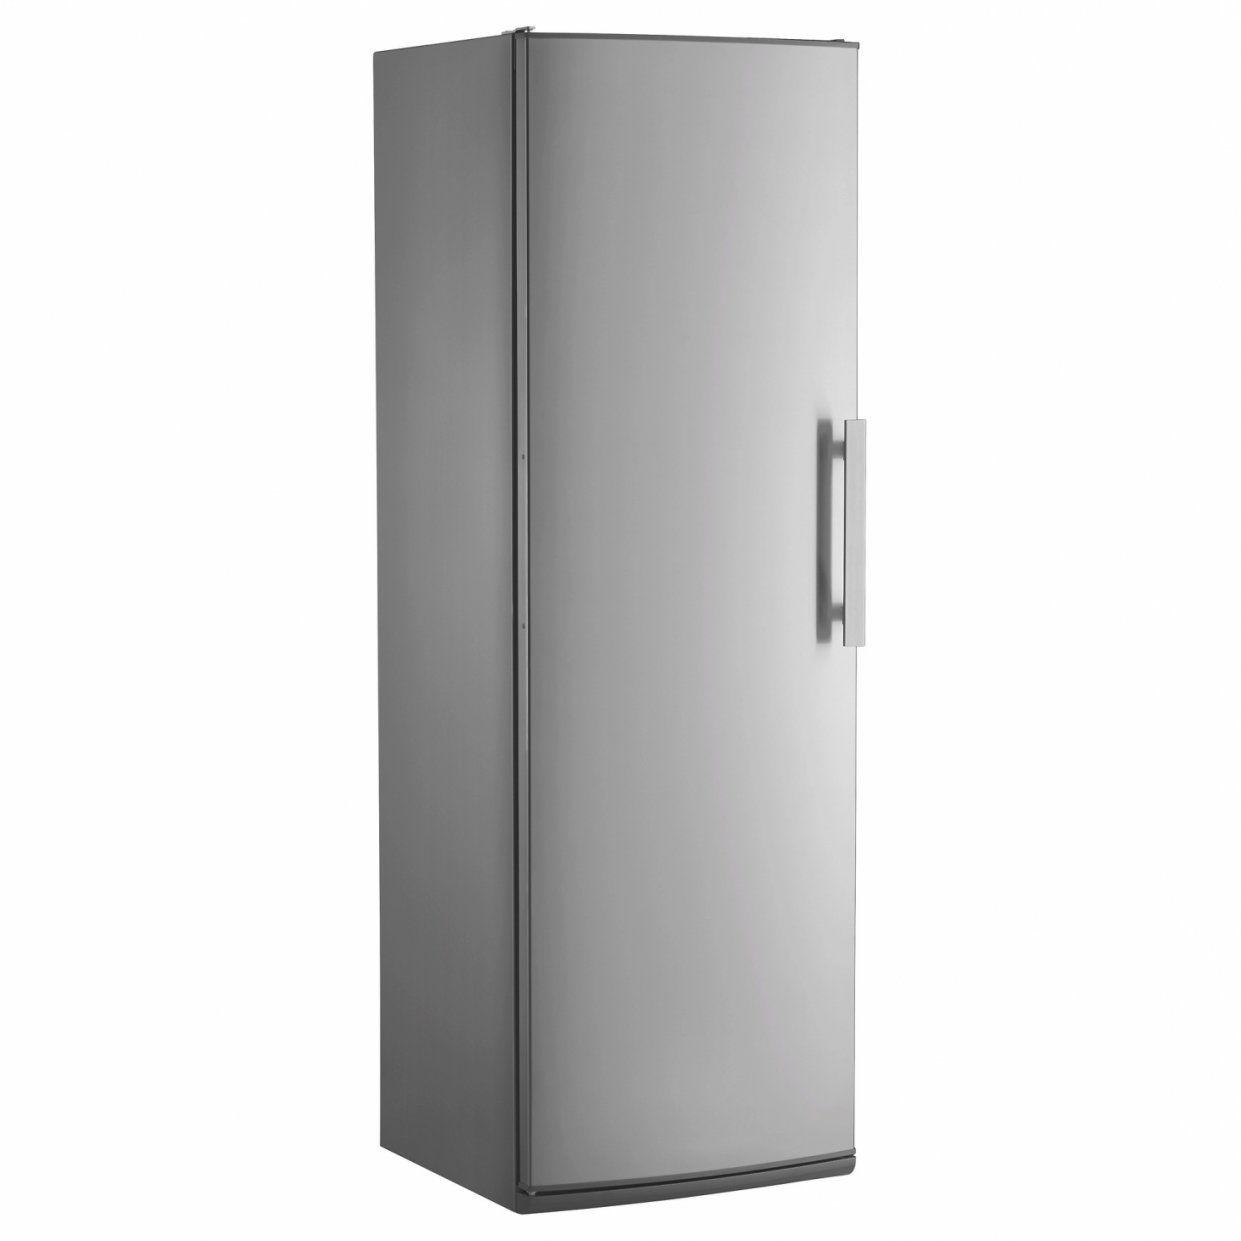 Kühlschrank 50 Cm Breit Mit Gefrierfach von Gefrierkombination 50 Cm Breit Photo